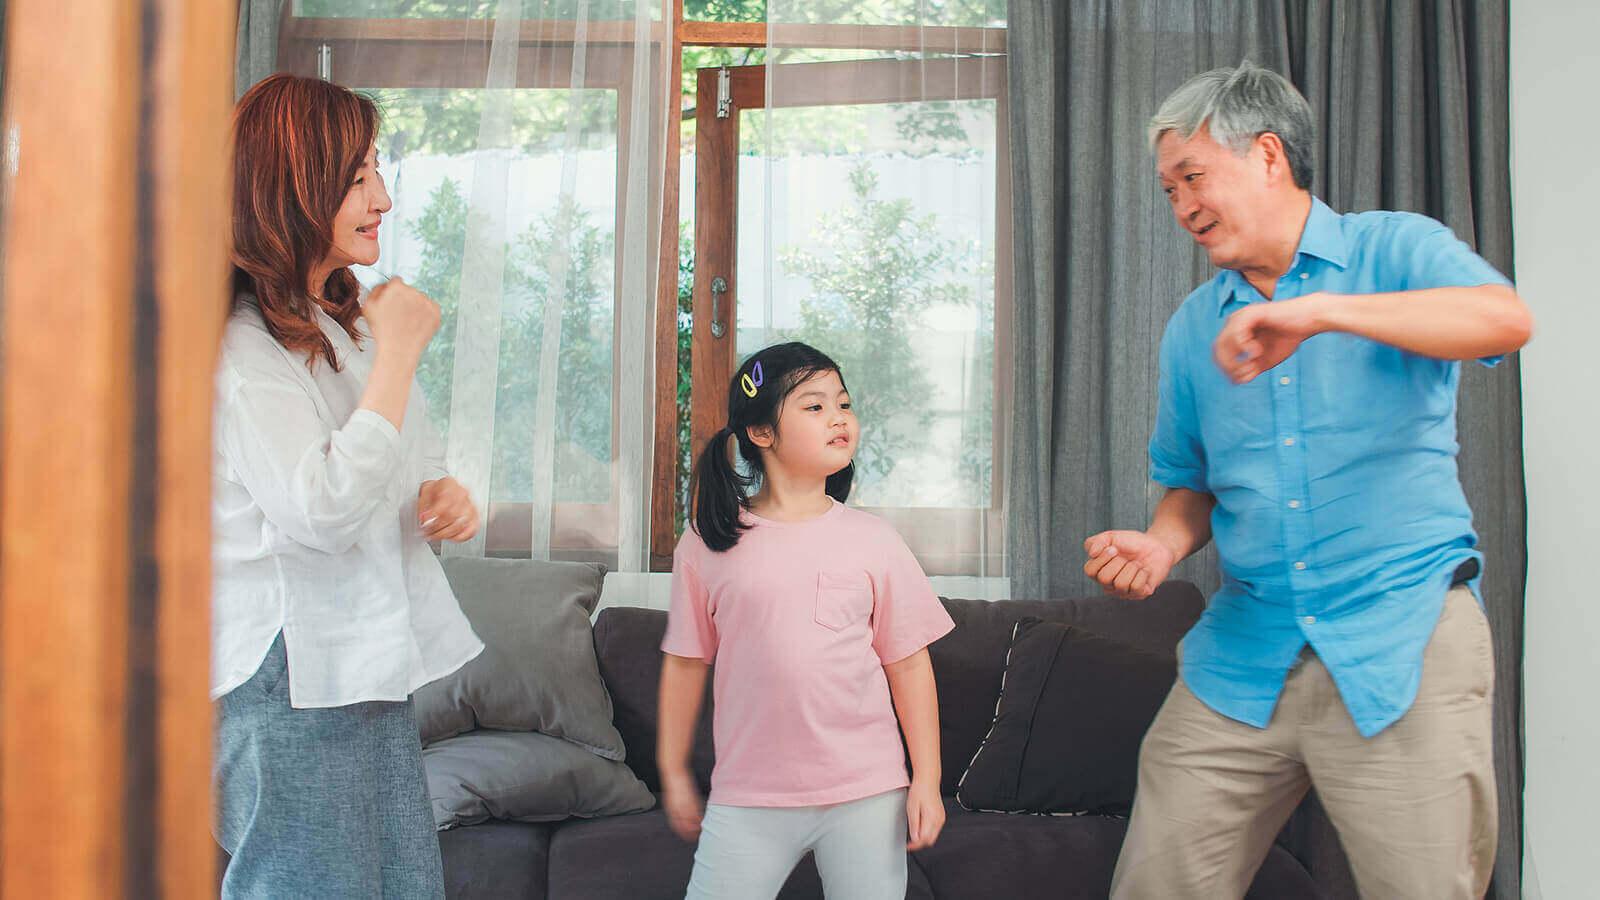 어린이를 위한 음악 기반 게임 3가지